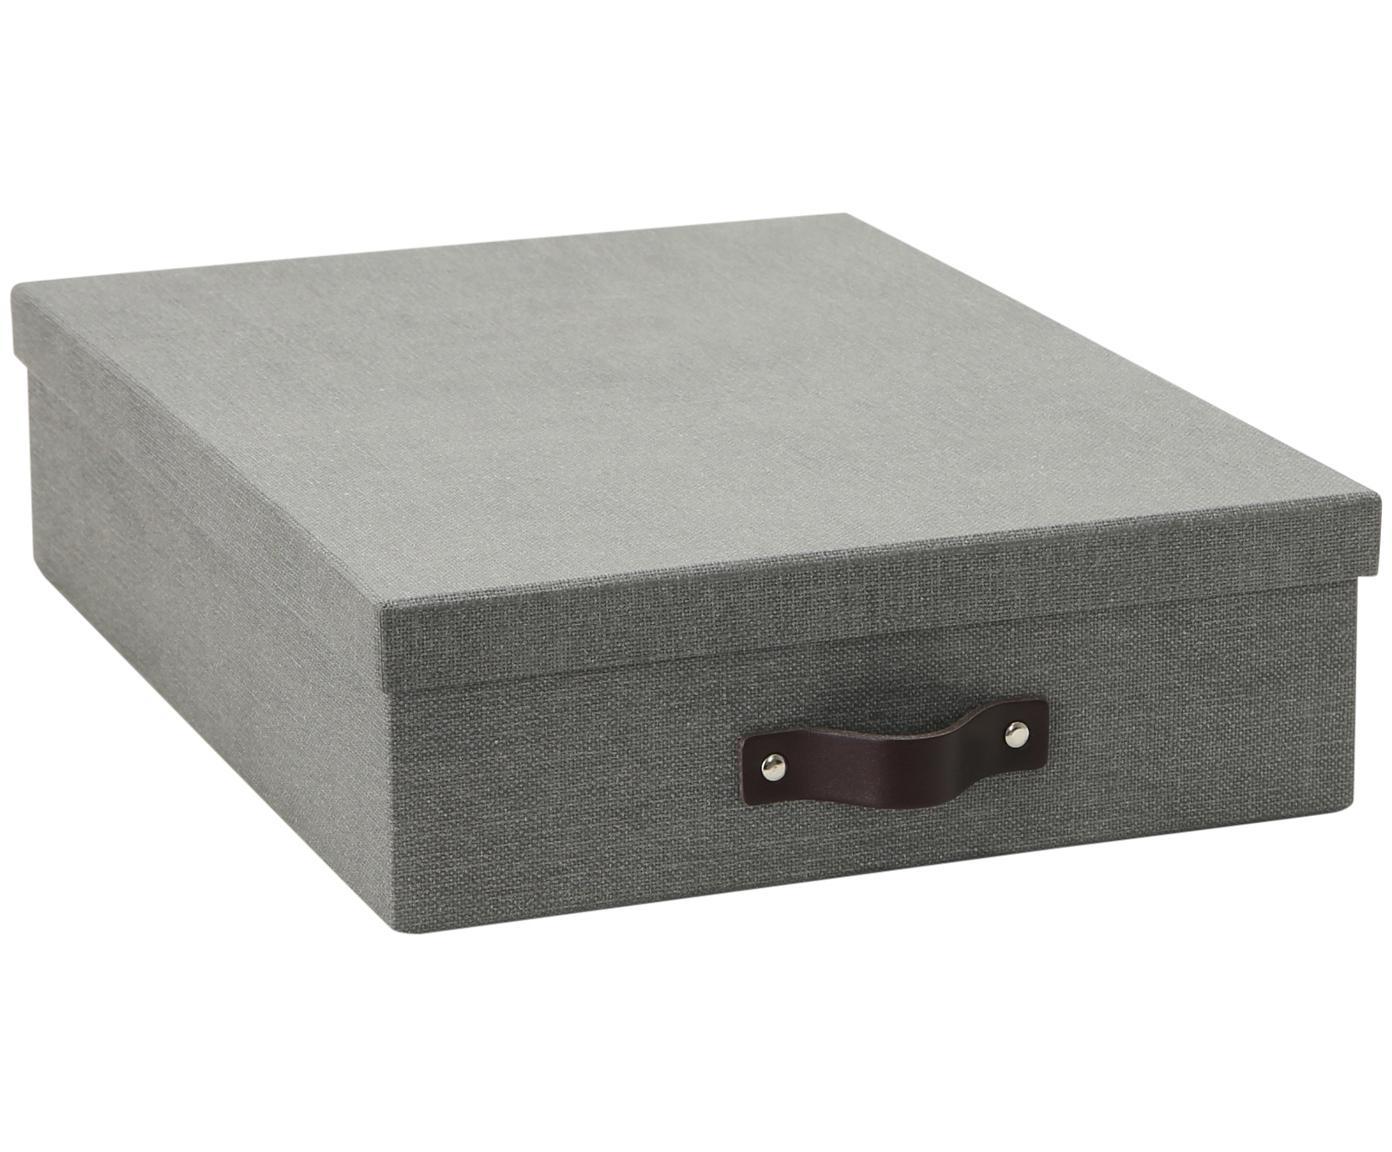 Pudełko do przechowywania Oskar II, Organizer na zewnątrz: szary Organizer wewnątrz: czarny Uchwyt: ciemnybrązowy, S 26 x W 9 cm